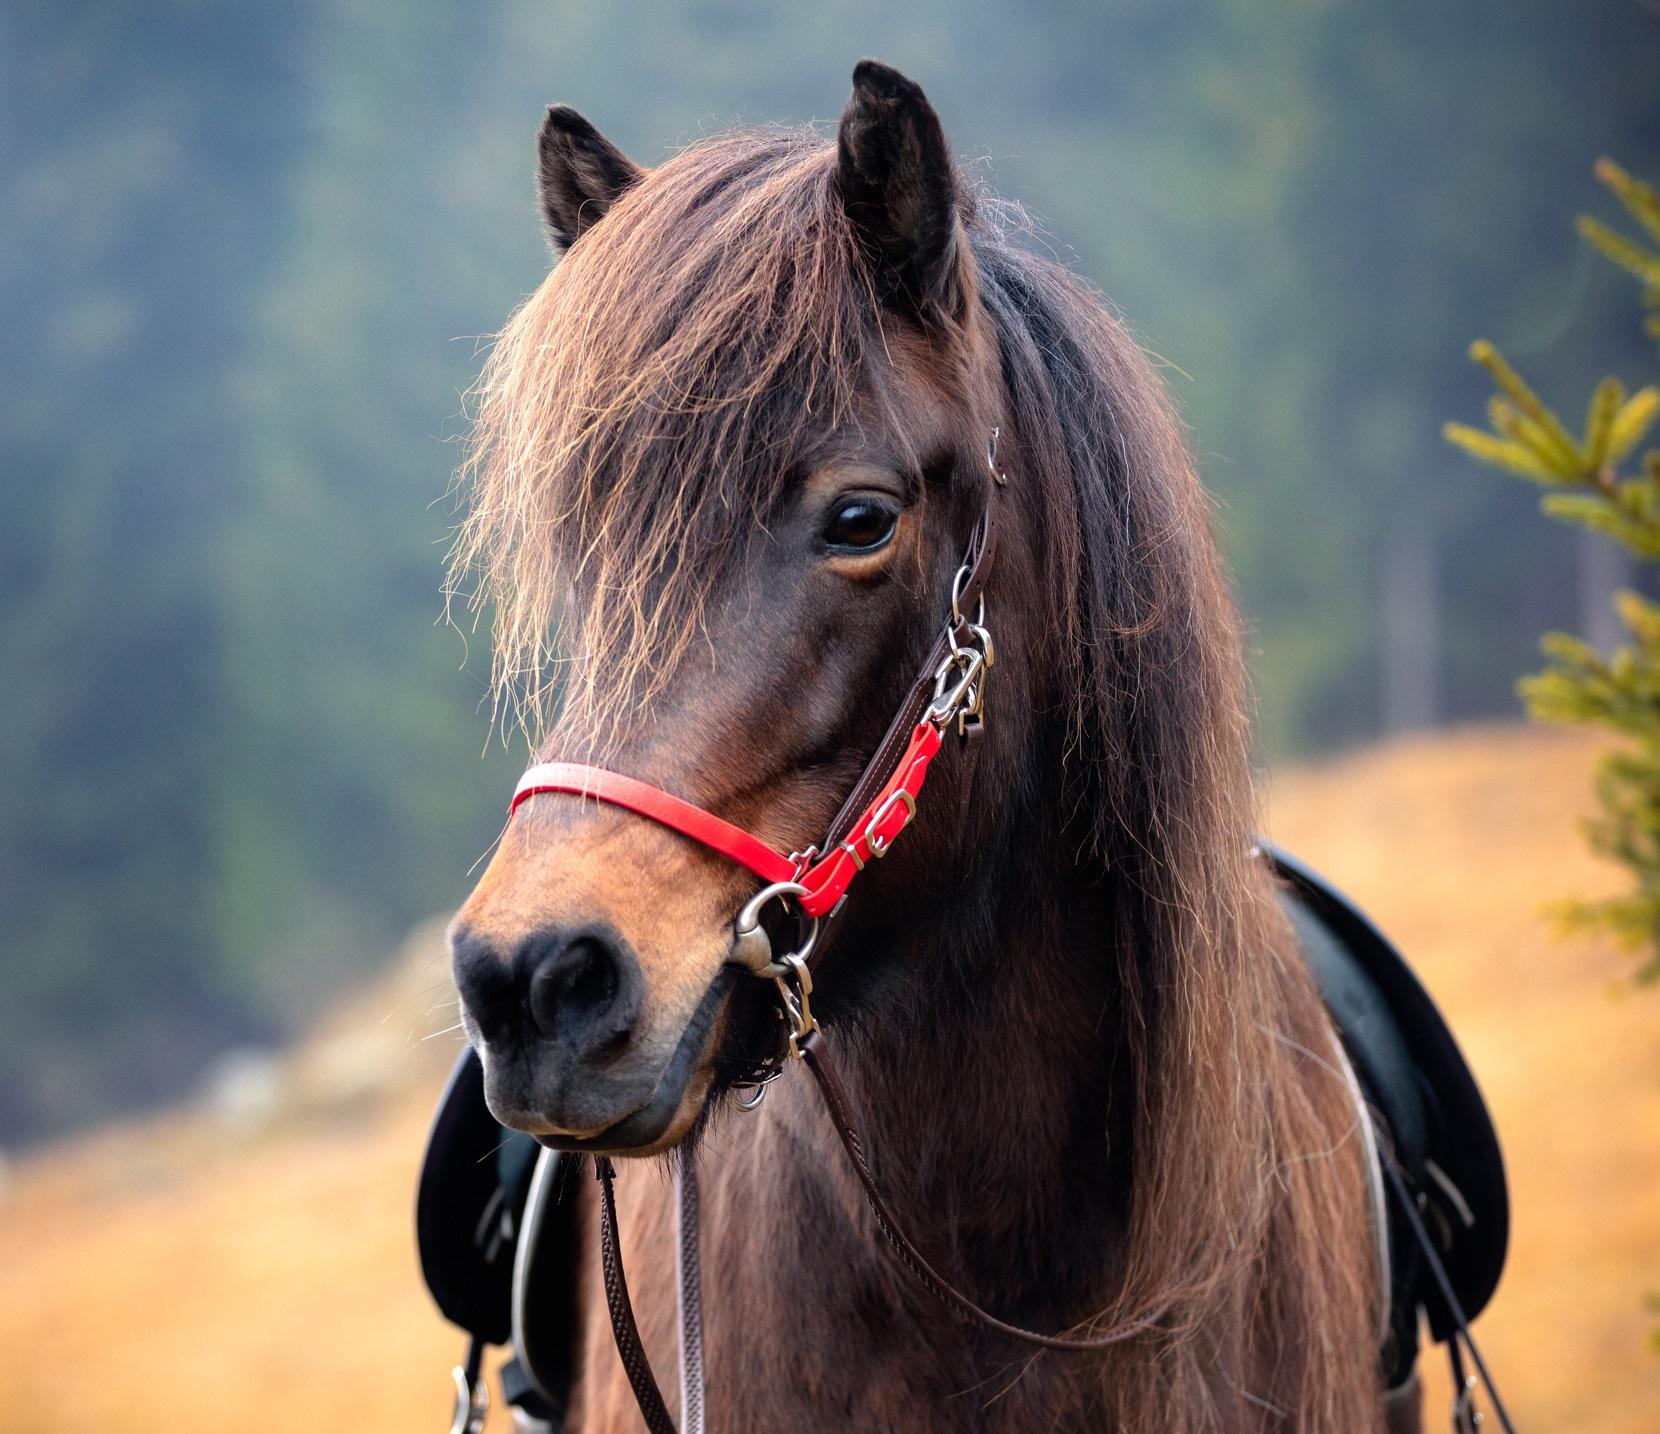 Wanderreittrense_Pferd_braun_rot_front.jpg